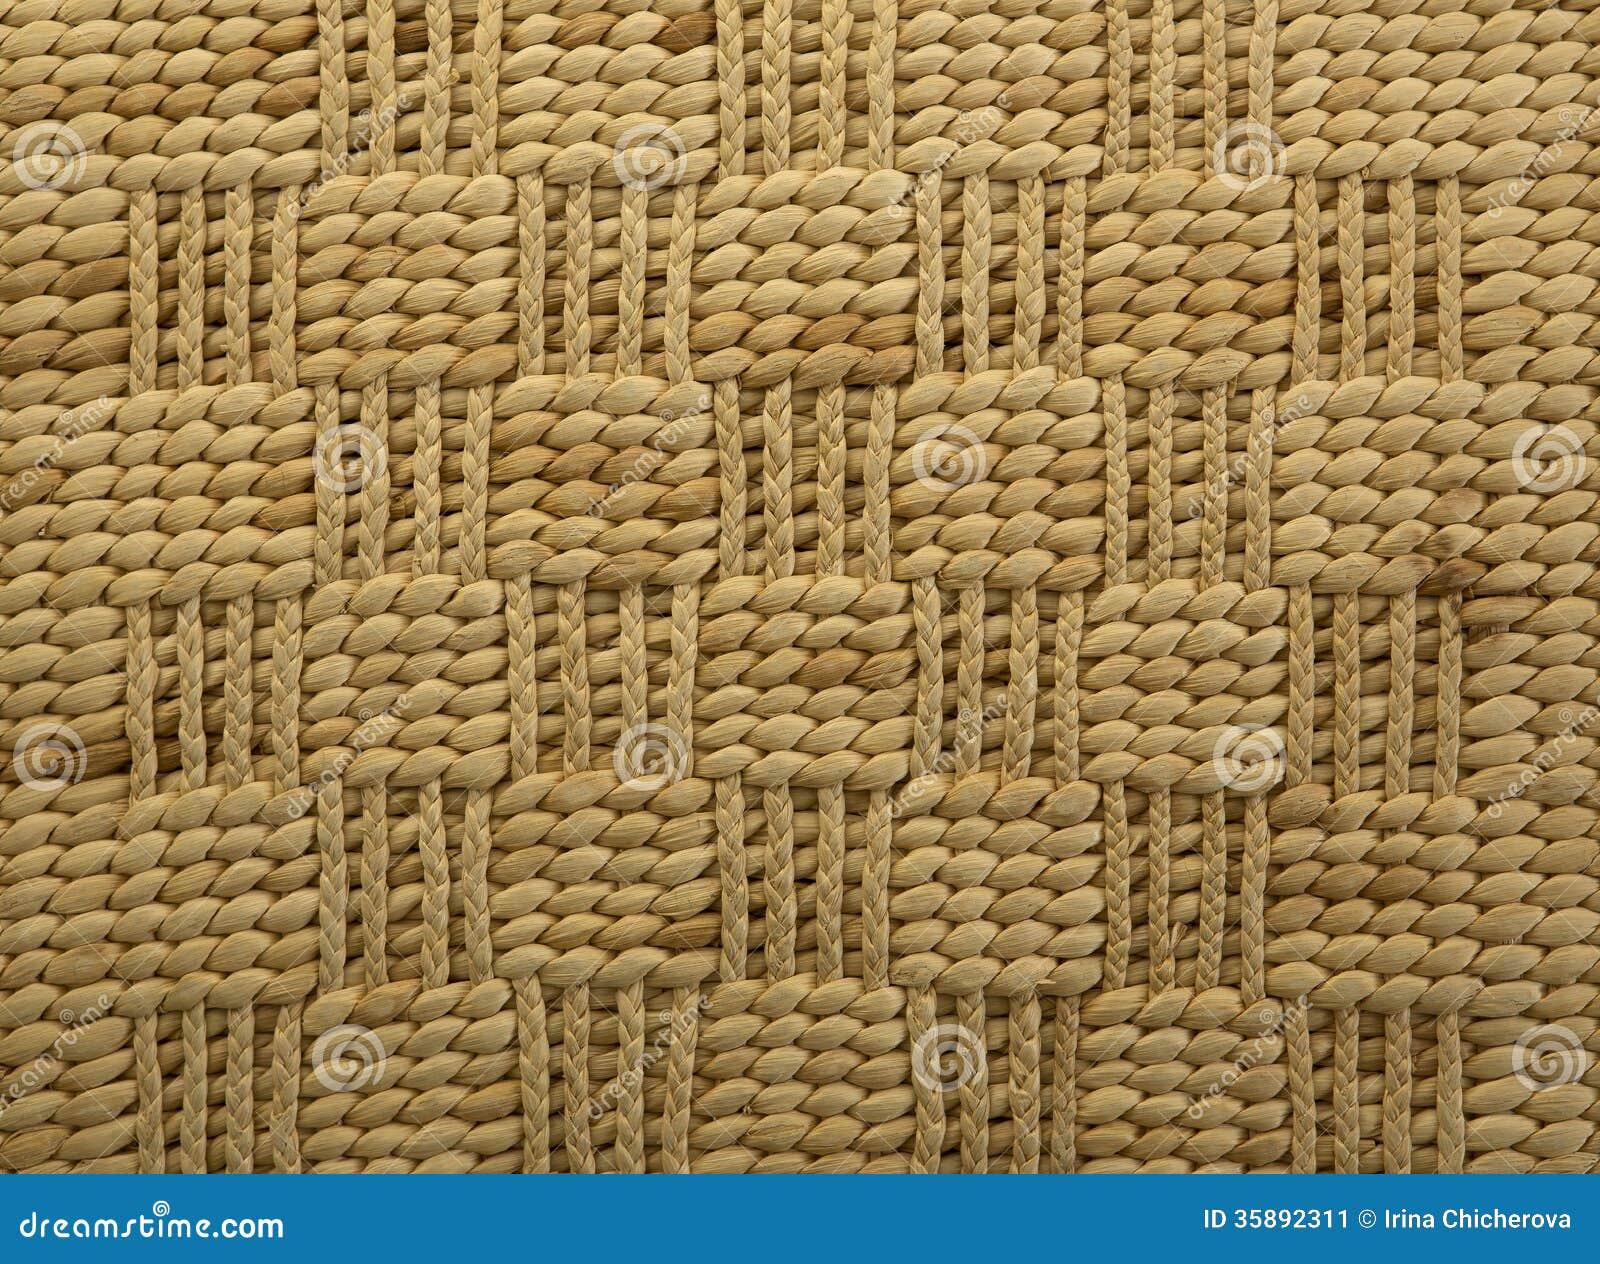 Raffia Rug Backgrounds Stock Image Image 35892311